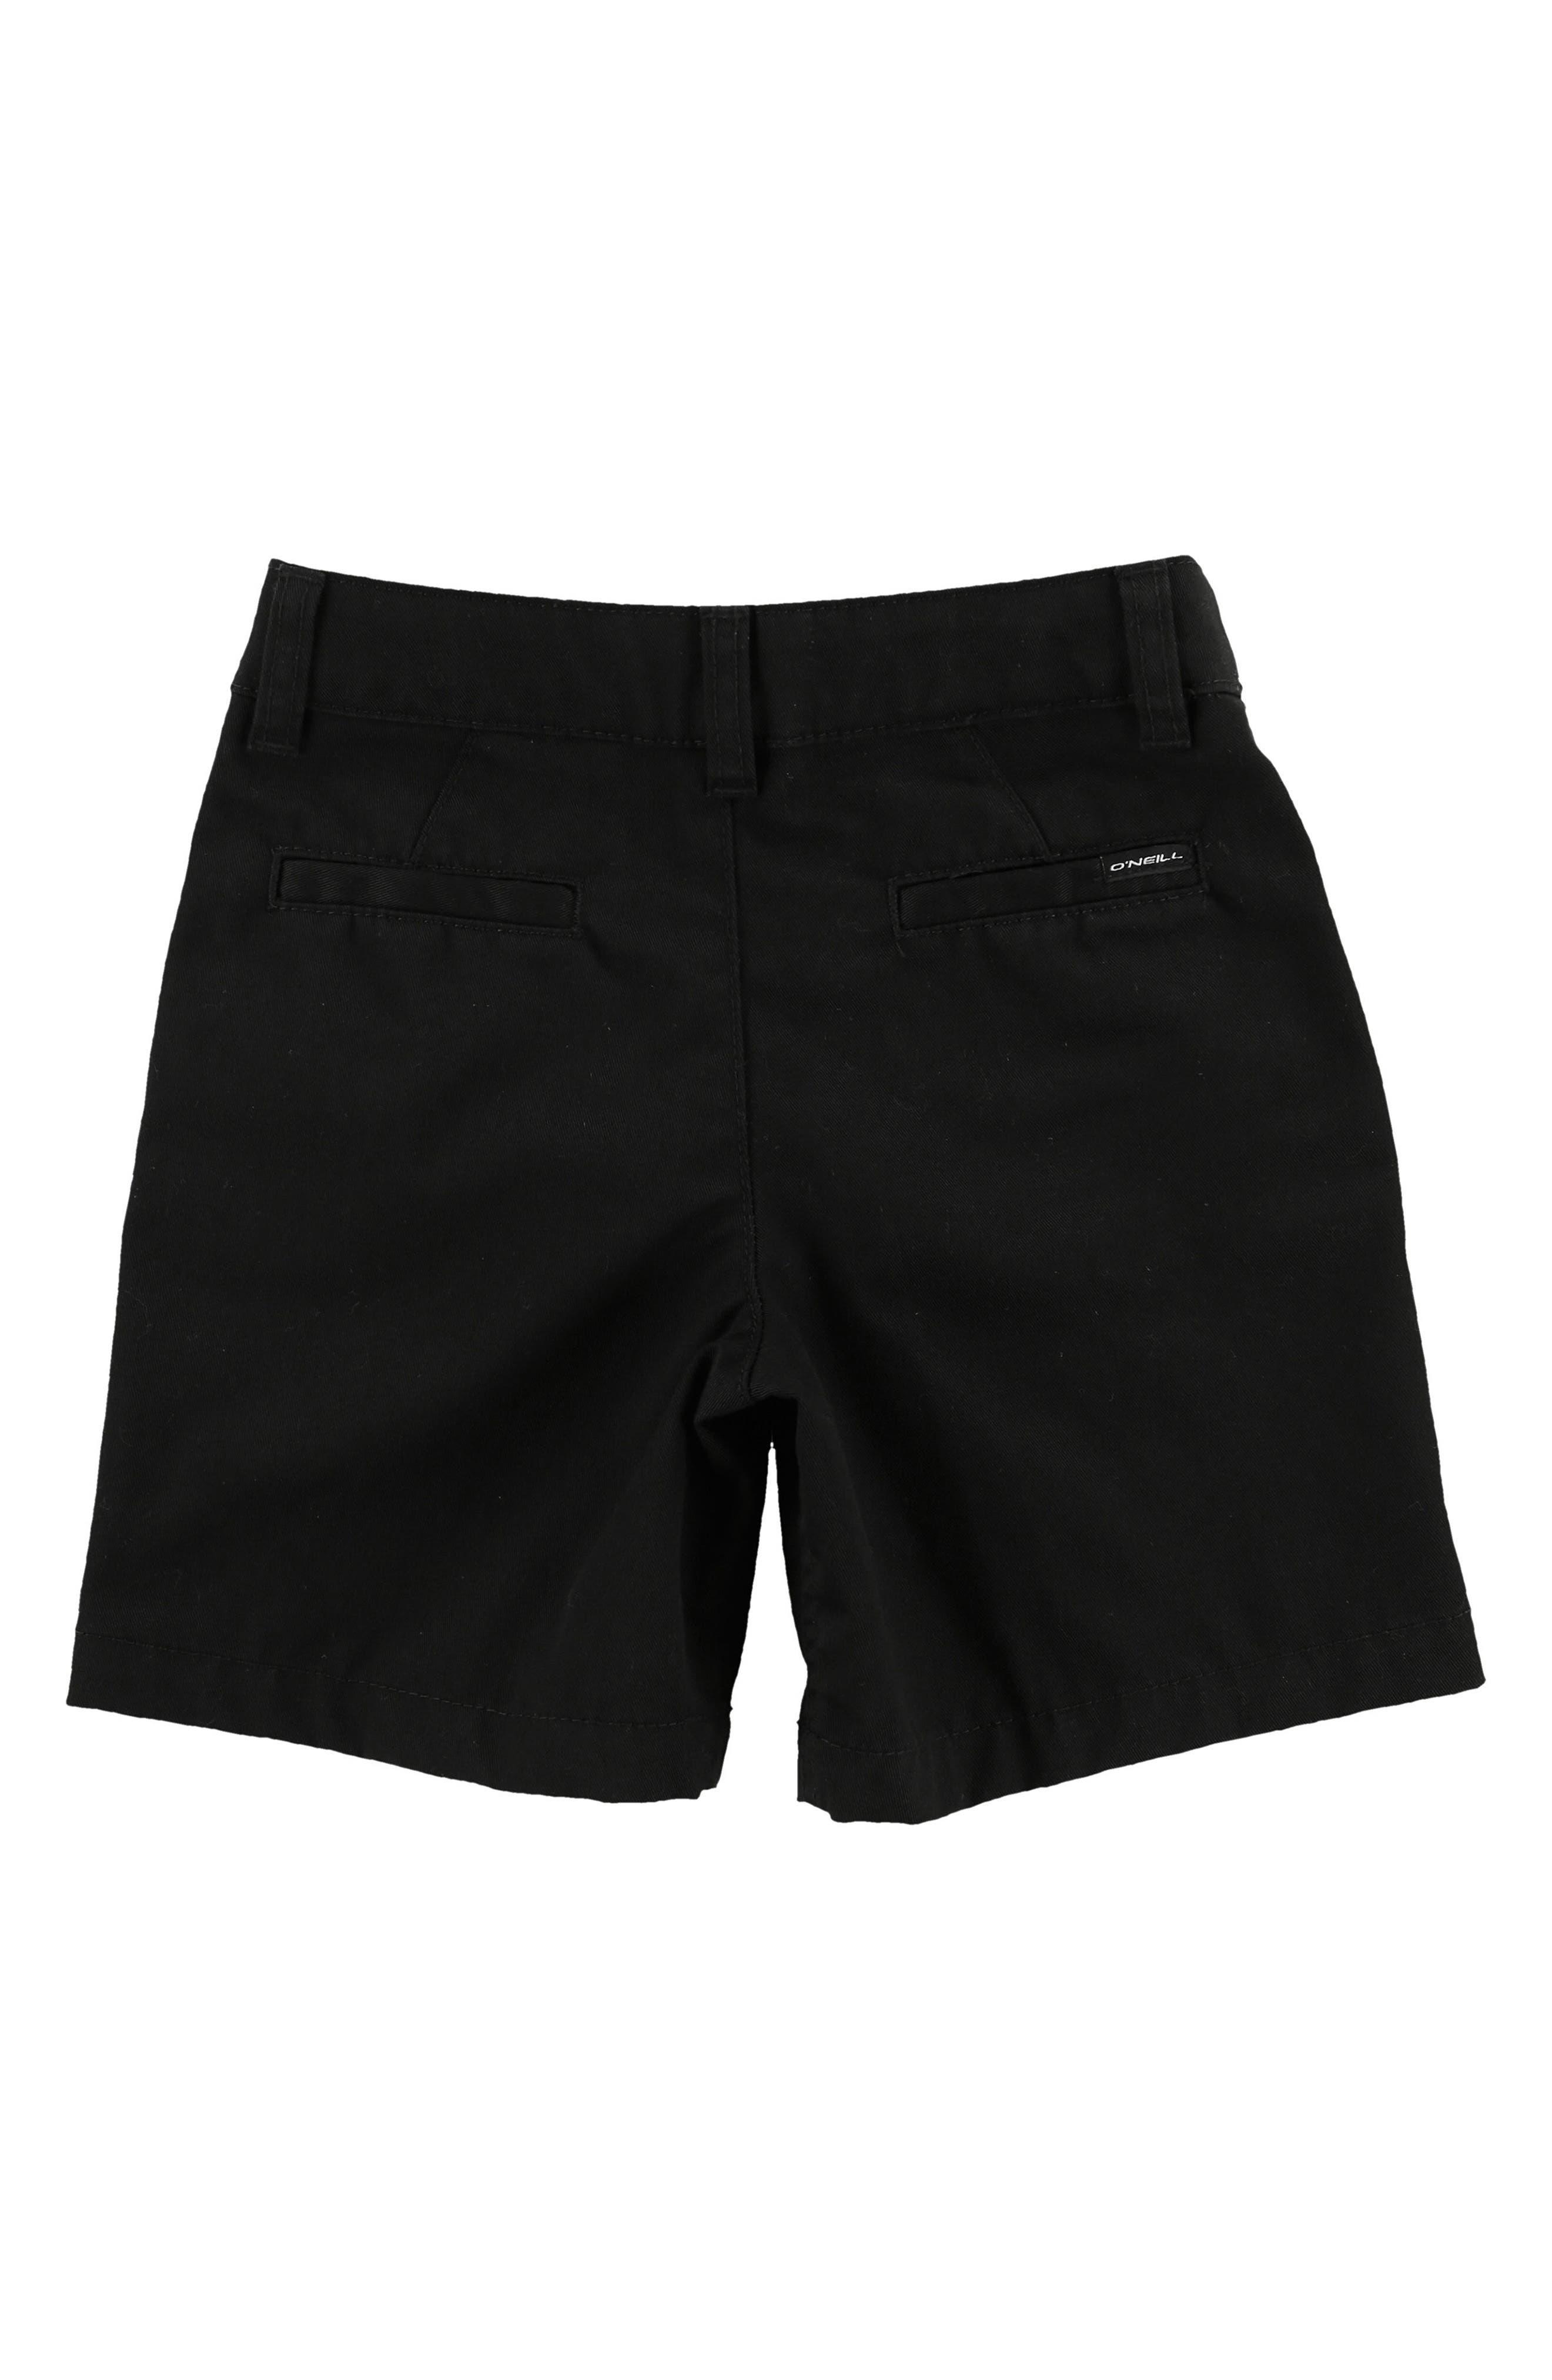 Contact Twill Walking Shorts,                             Main thumbnail 1, color,                             001